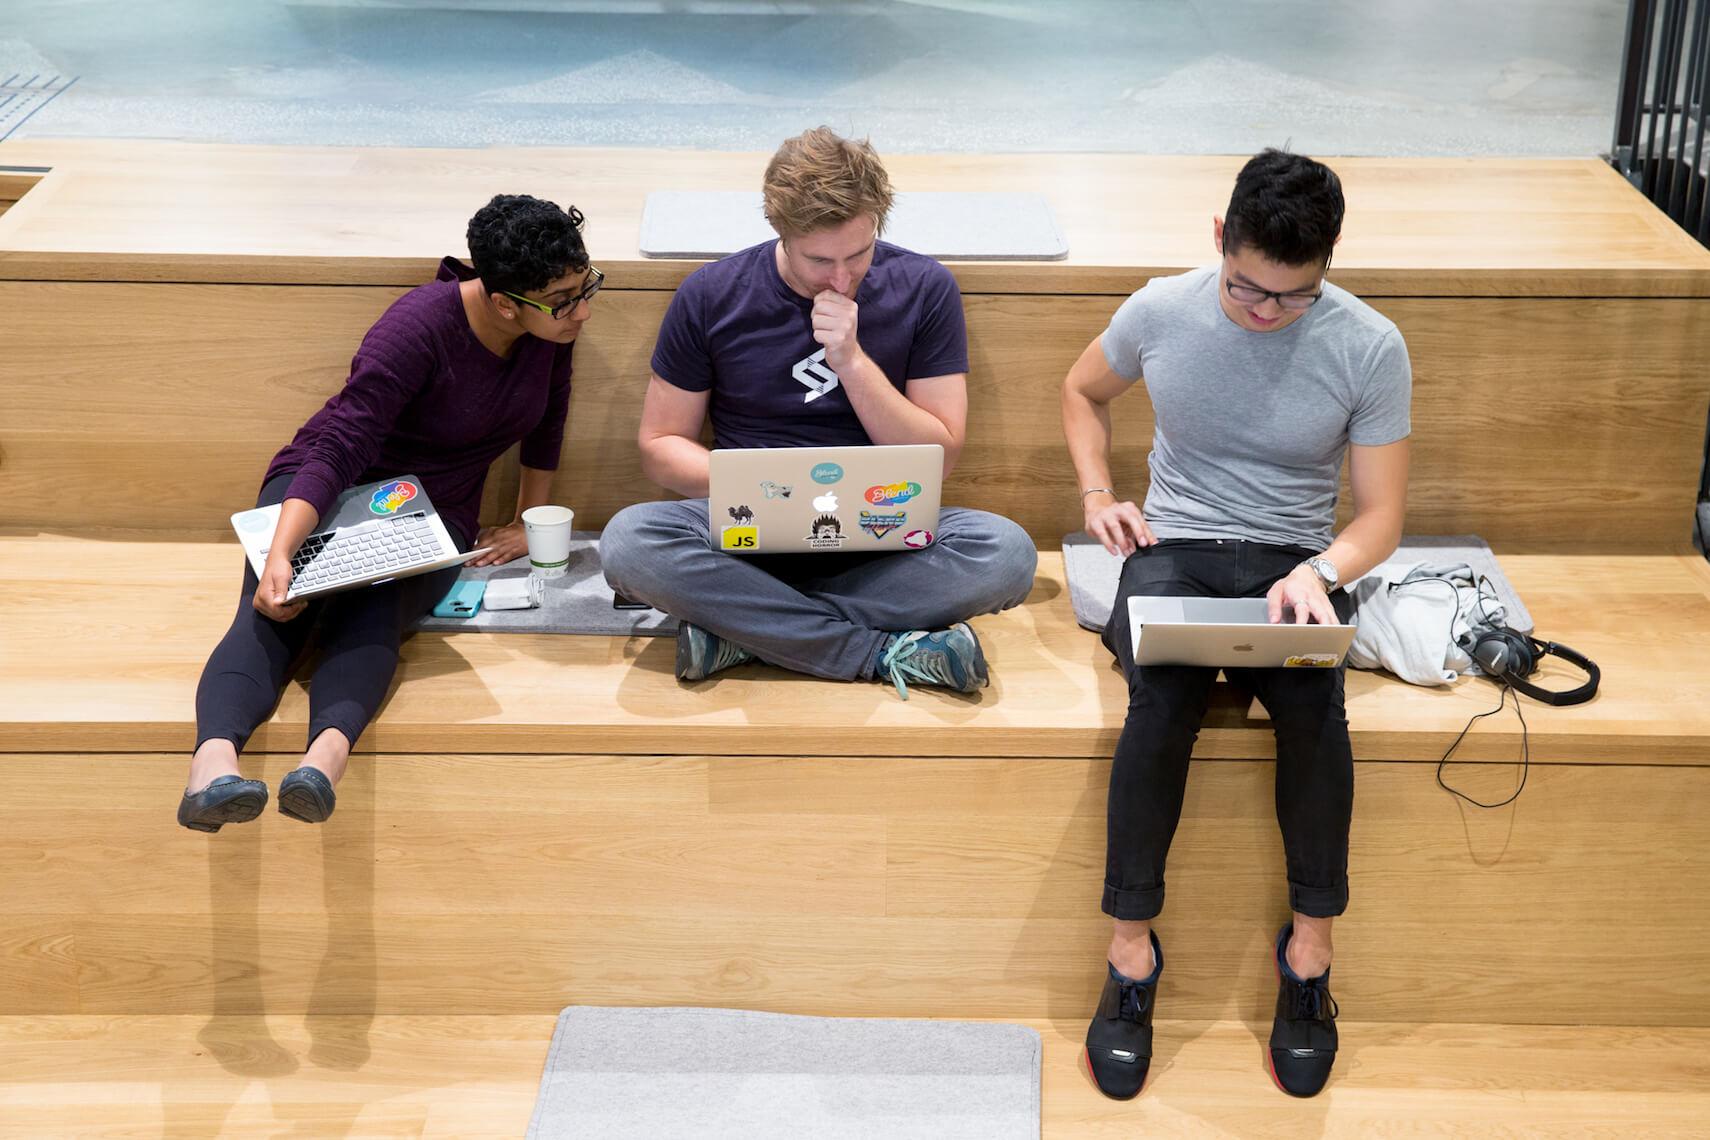 Verschillende werknemers die achter hun laptop werken